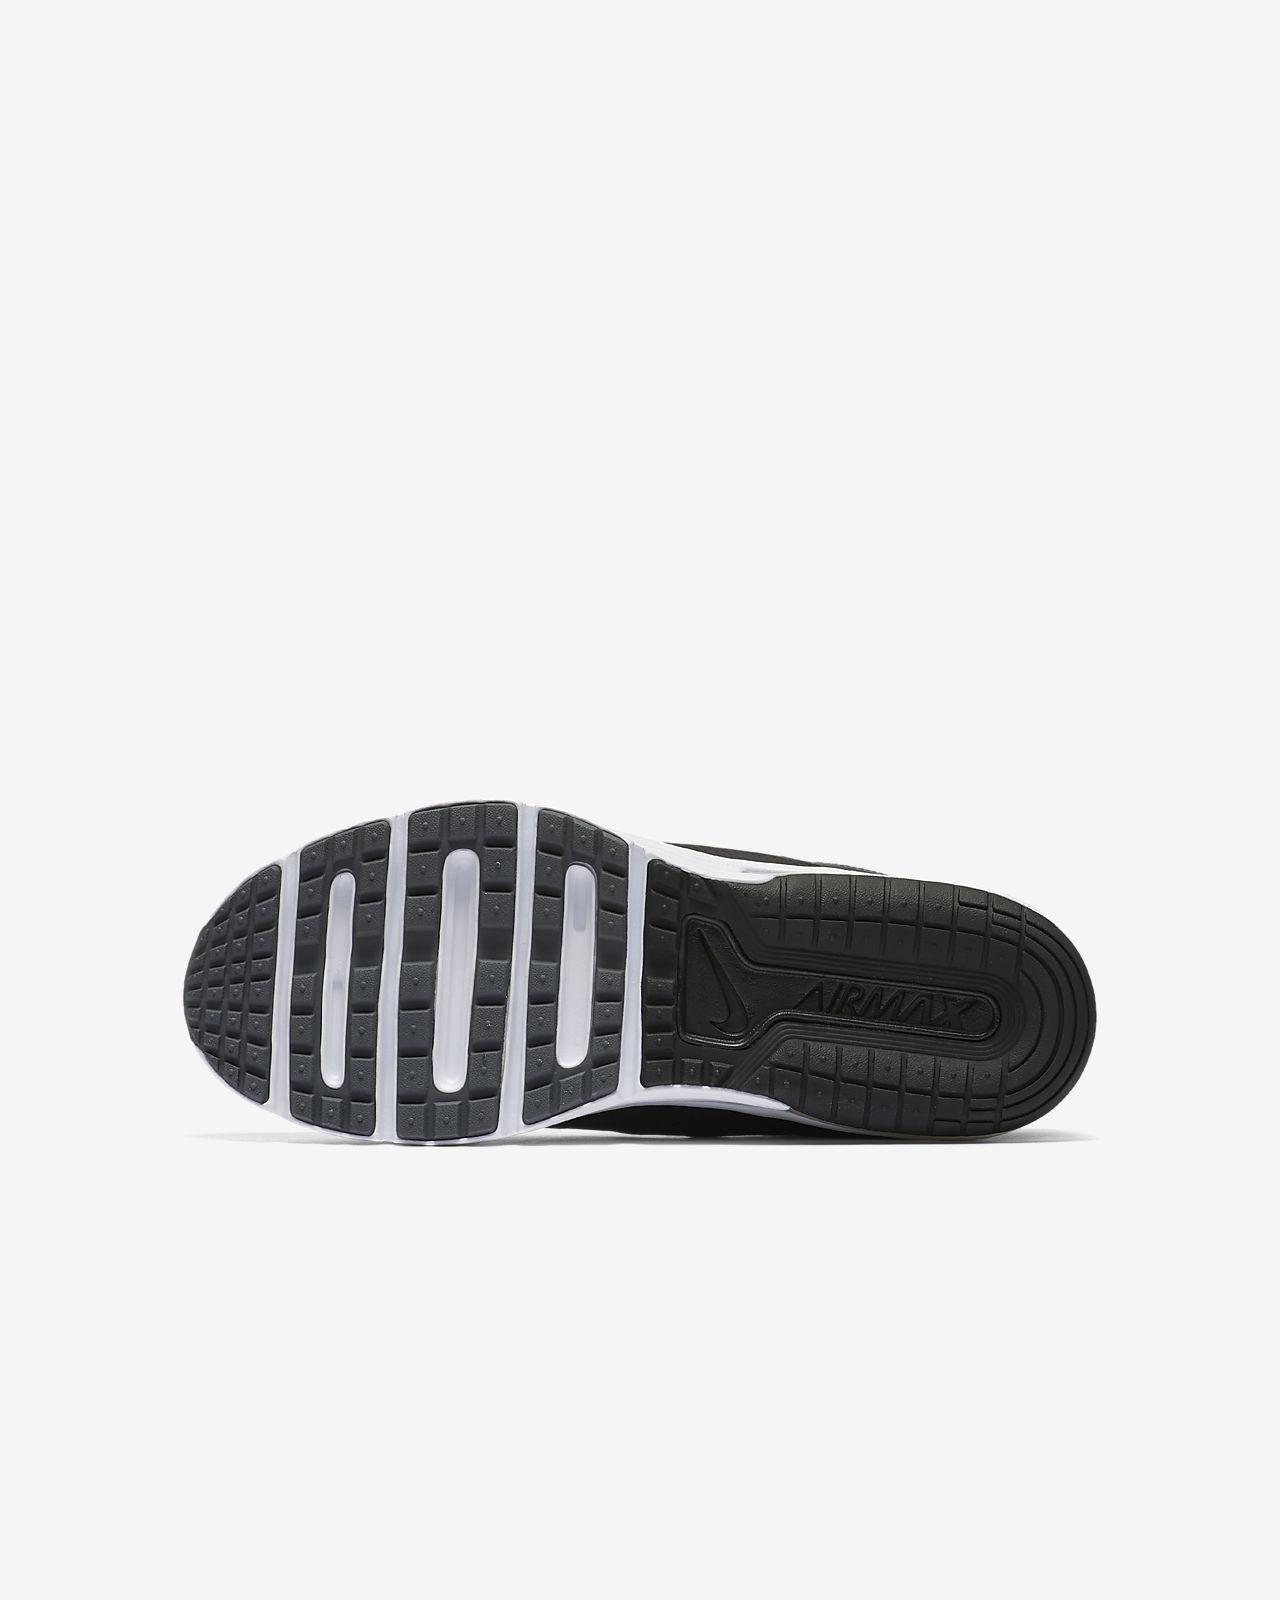 7b1c4da4c5a Nike Air Max Sequent 3 Older Kids  Shoe. Nike.com GB